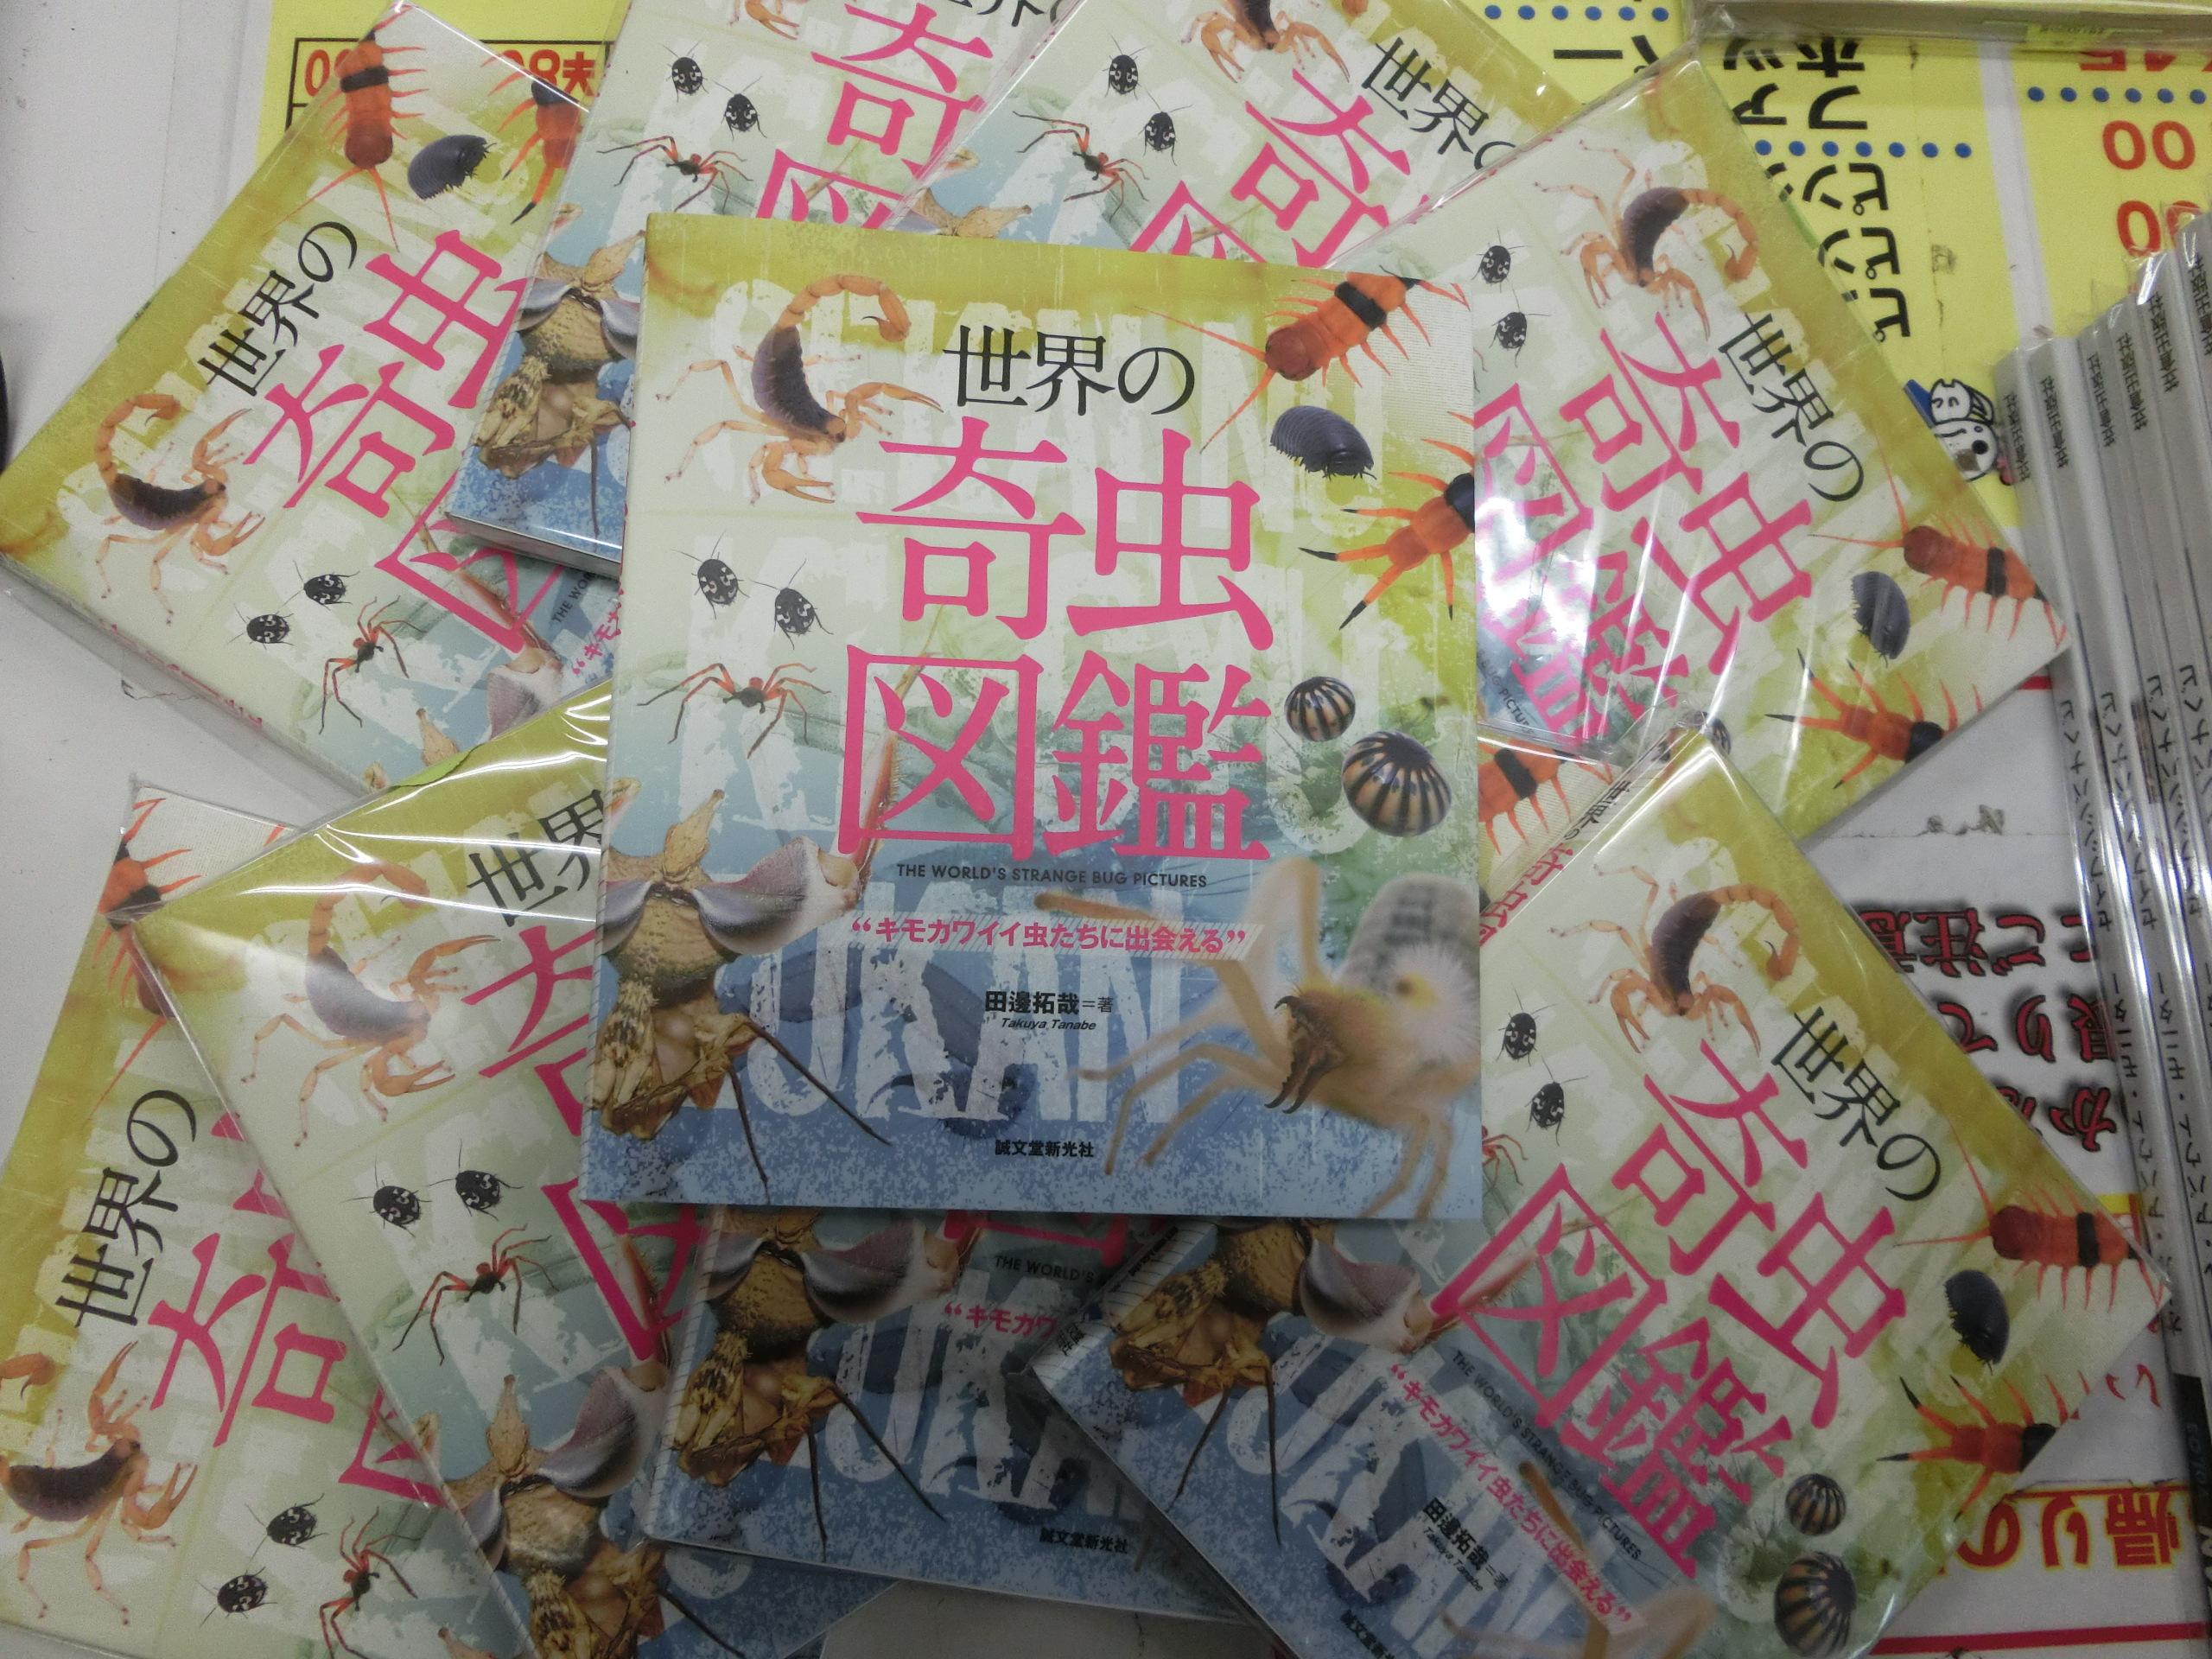 新刊世界の奇虫大図鑑到着!@みなとペポニ